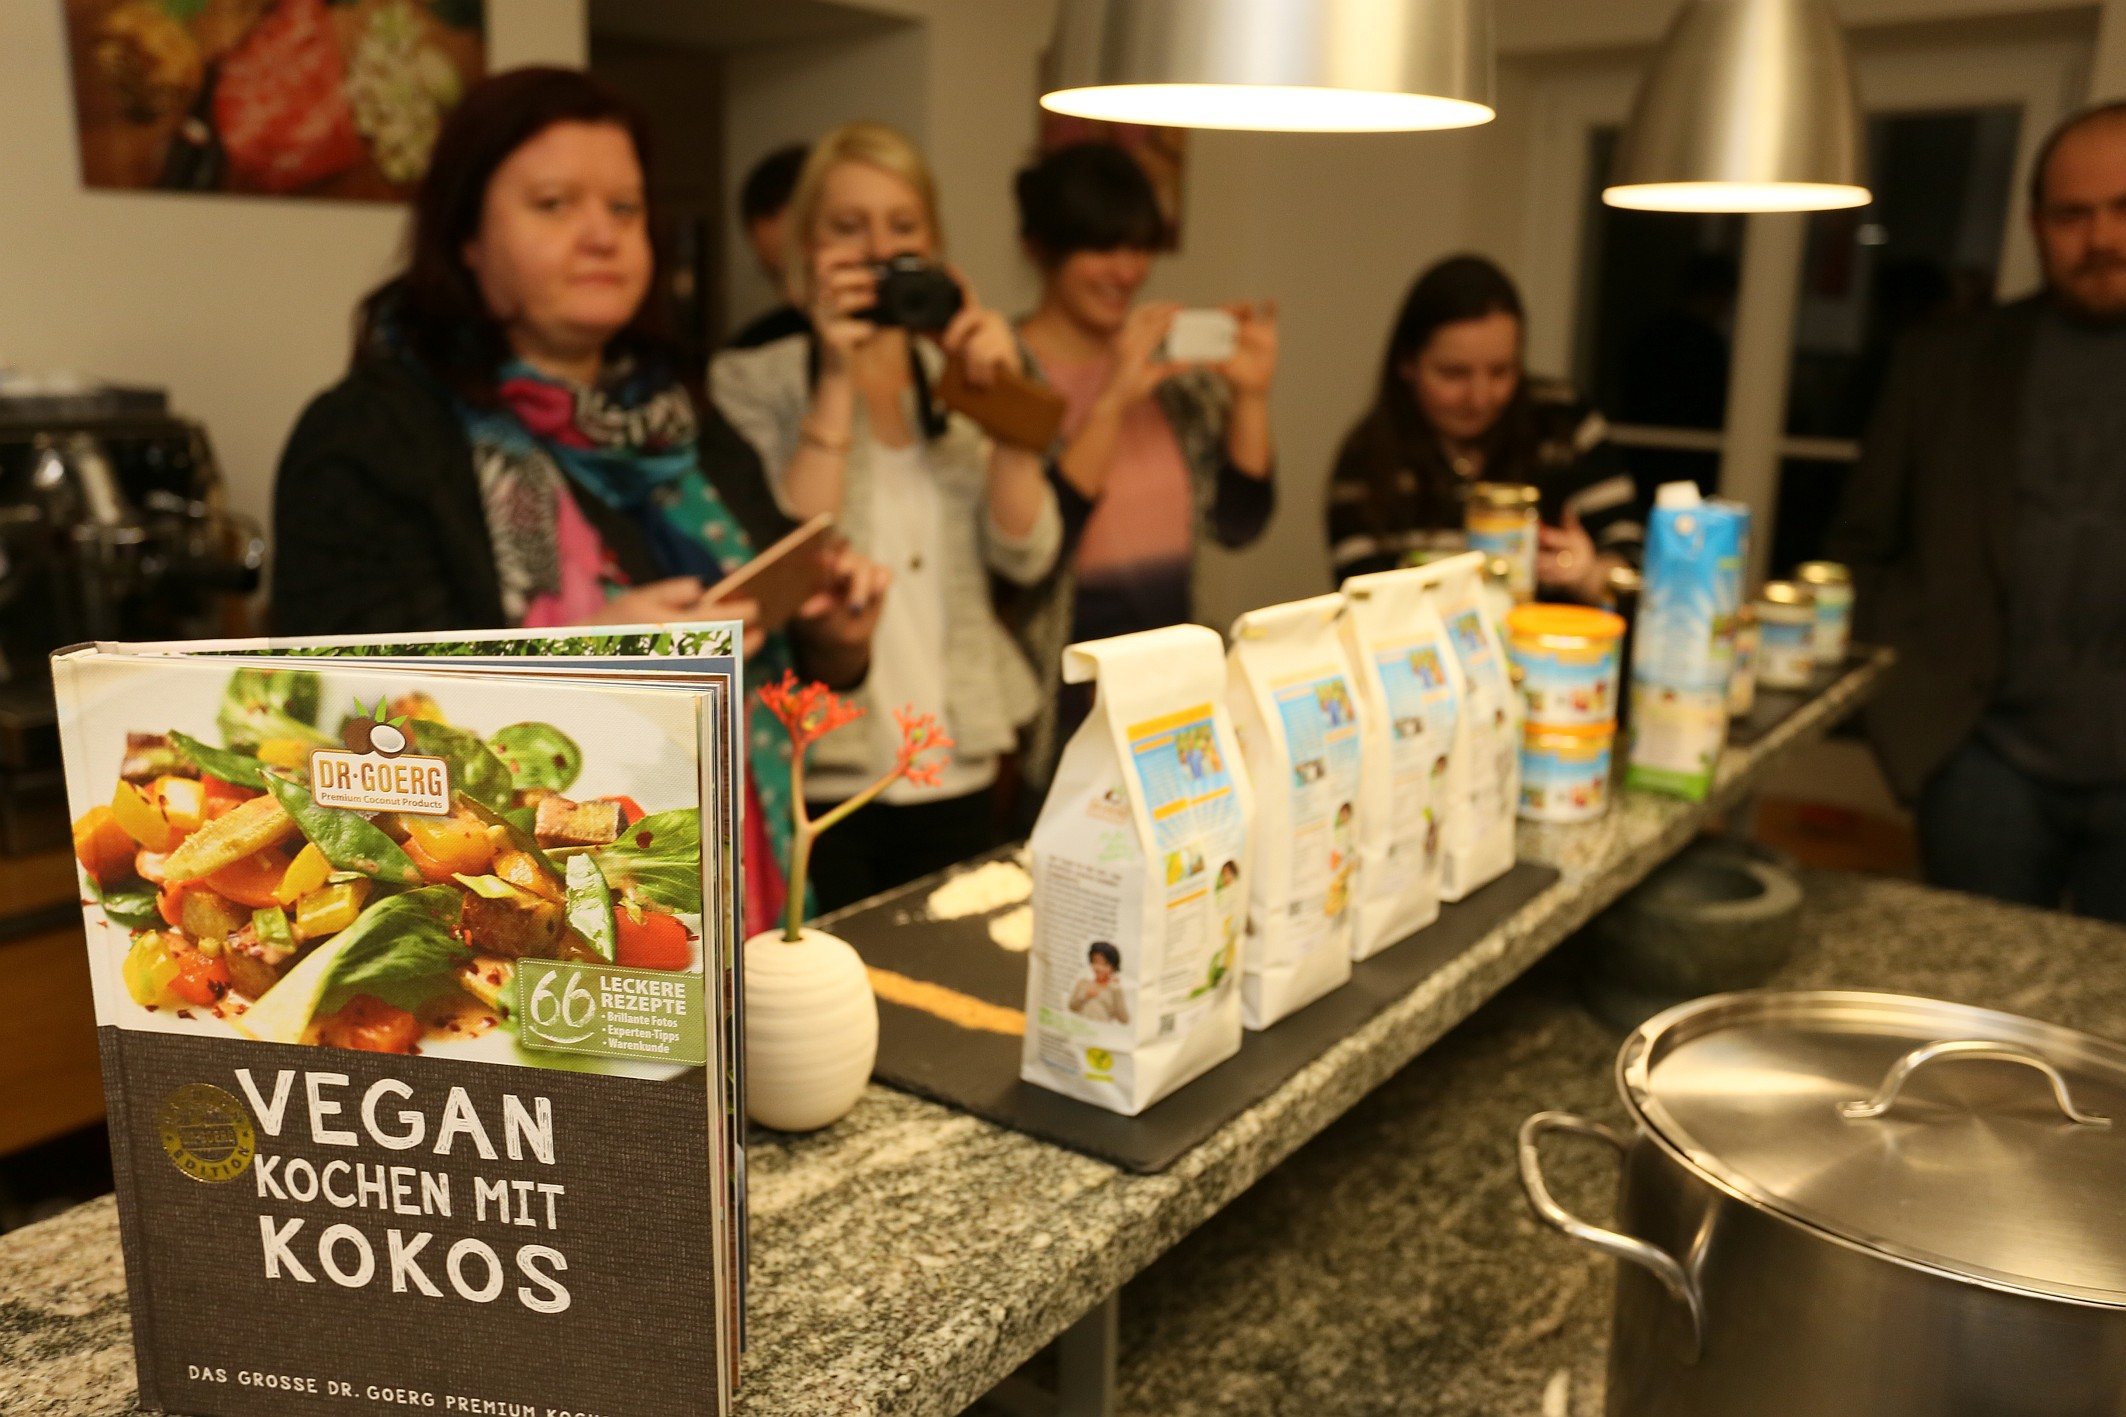 Dr. Goerg_Event 10.02.16_Food-Blogger im Einsatz